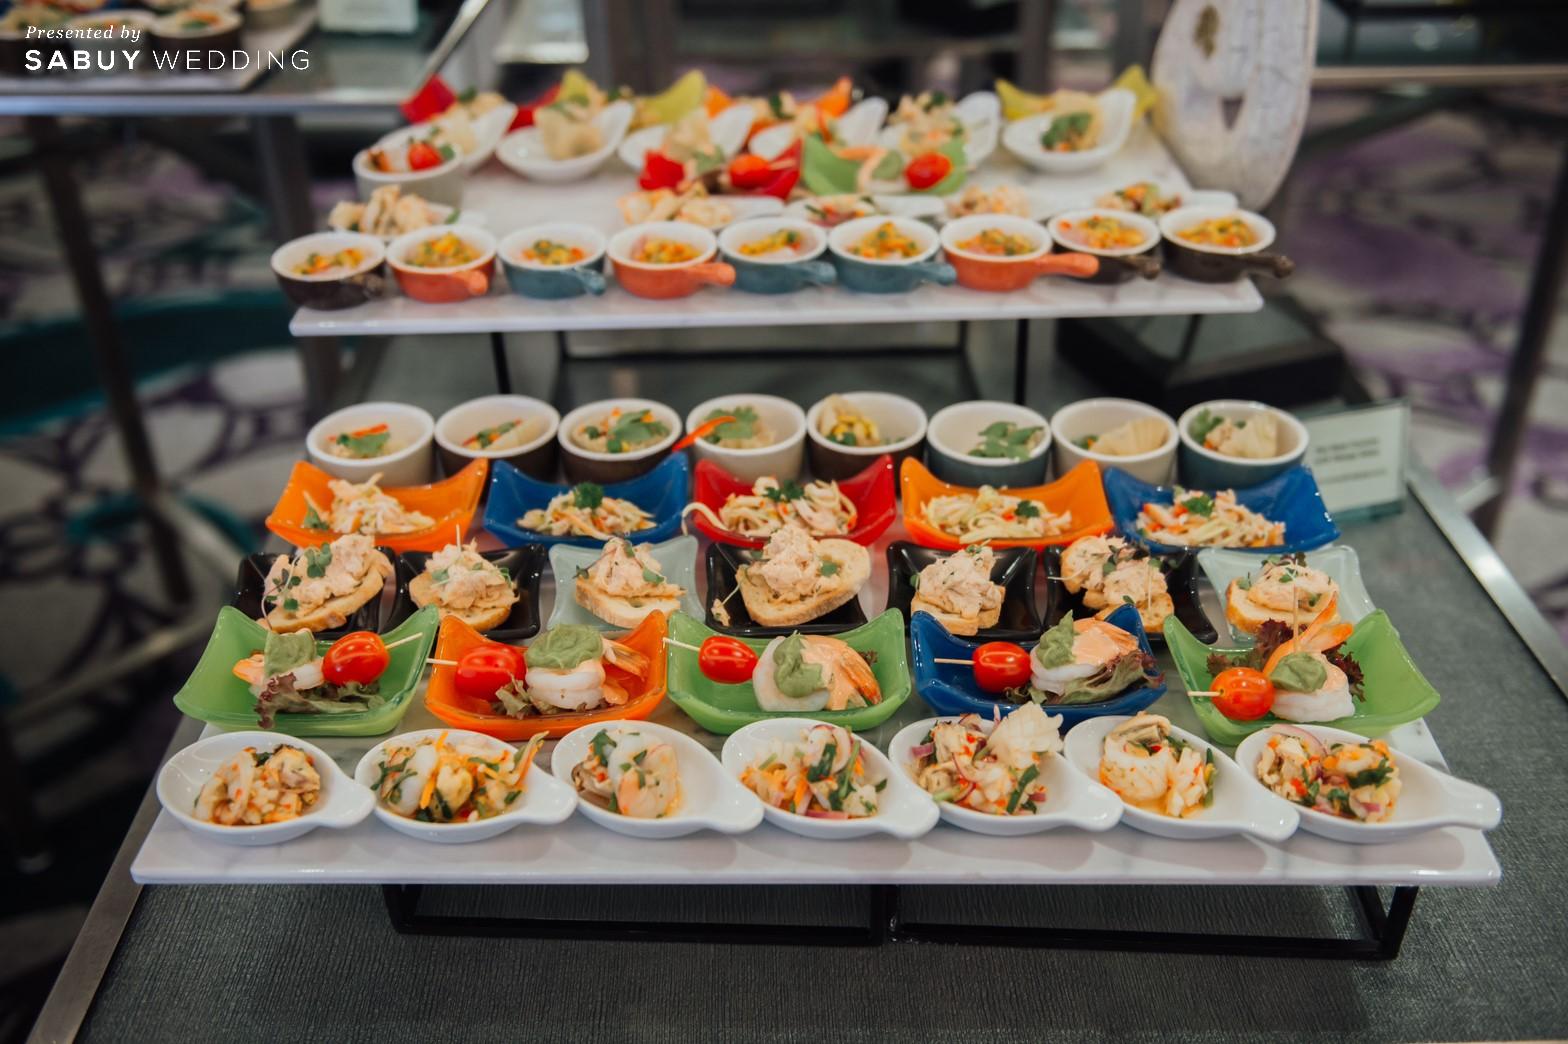 อาหารงานแต่ง รีวิวงานแต่งริมน้ำสุดอบอุ่น สวยละมุนในโทนขาวเขียว @ Chatrium Hotel Riverside Bangkok